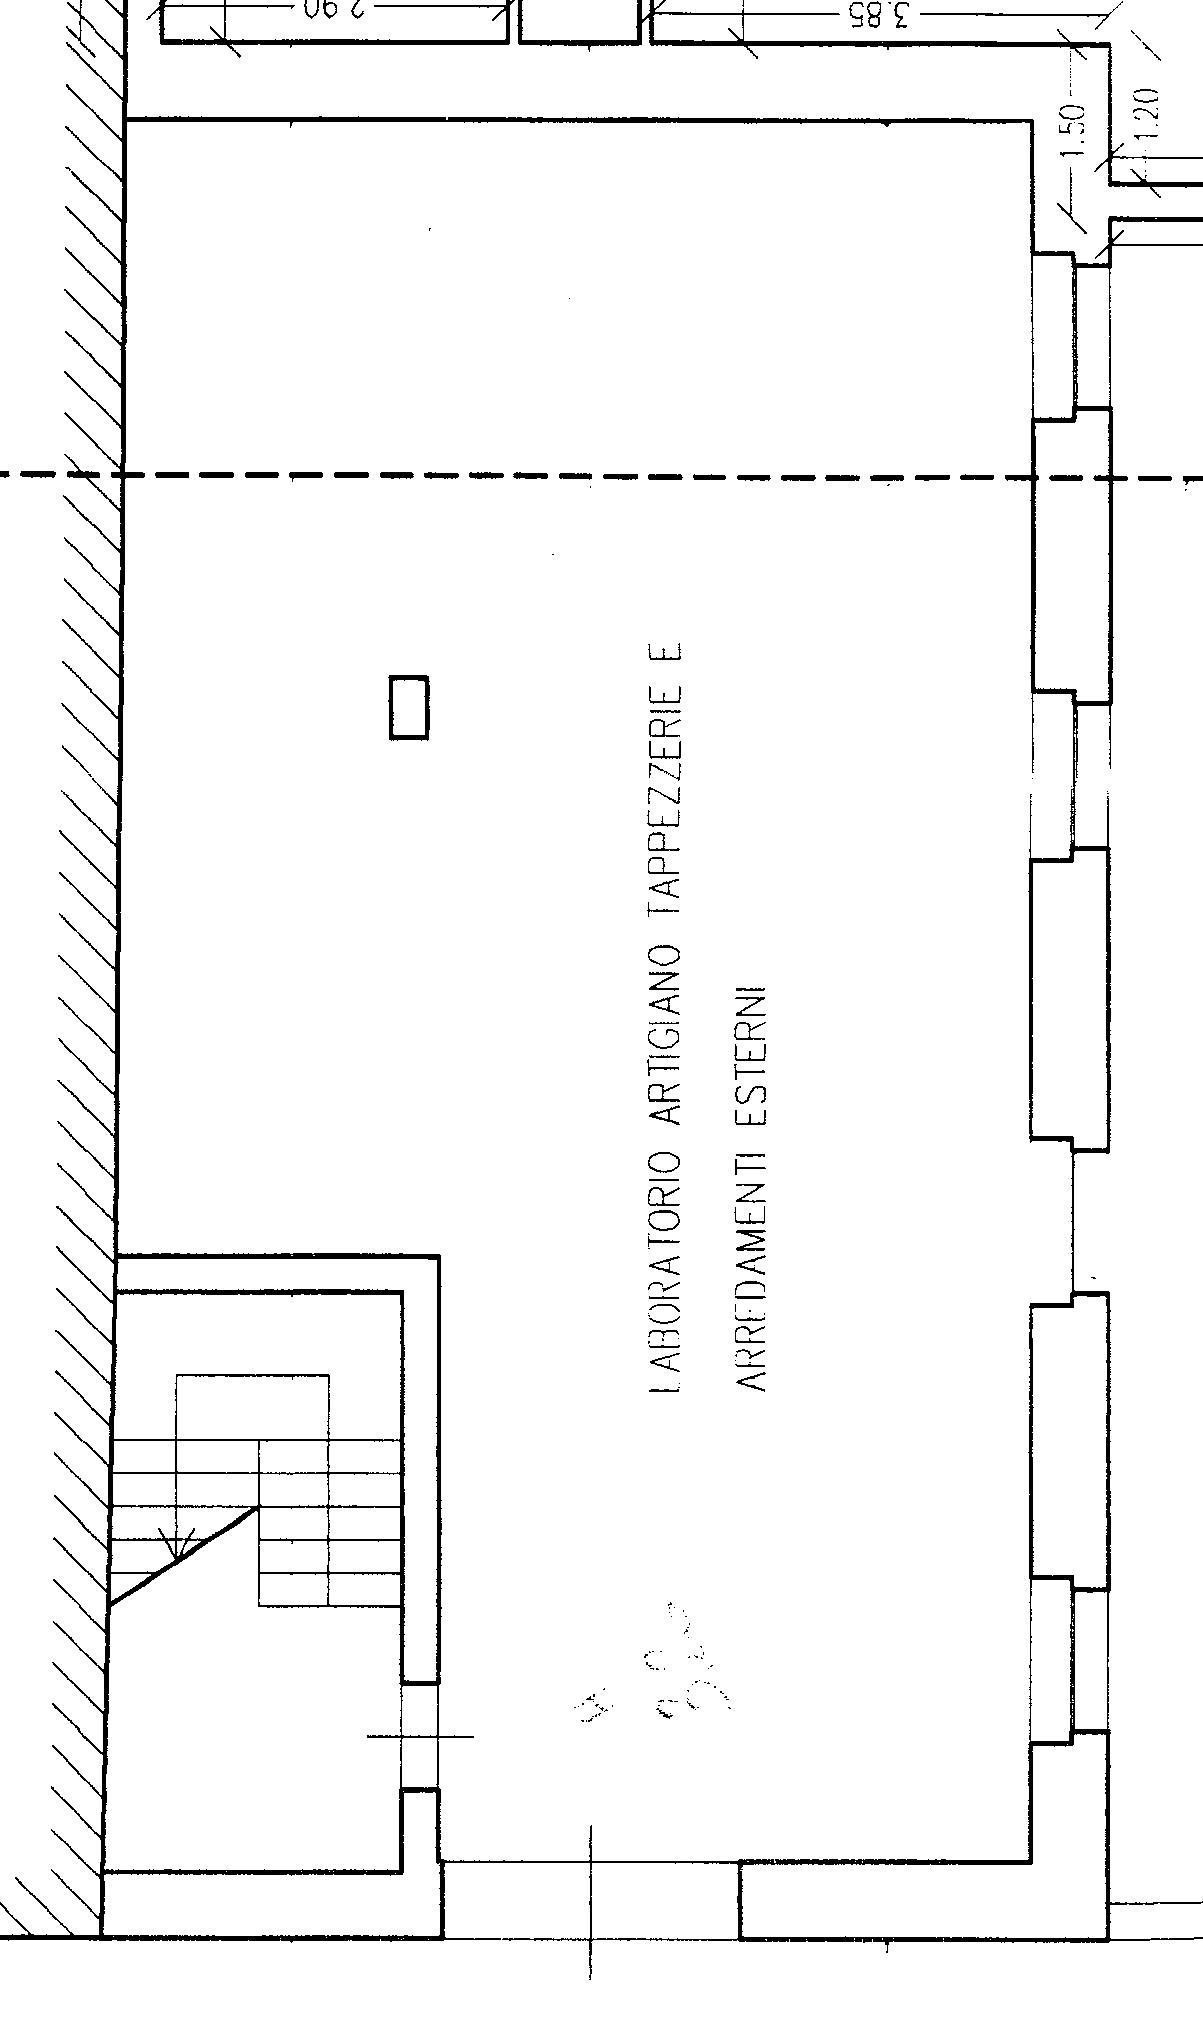 Planimetria Laboratorio Artigianale